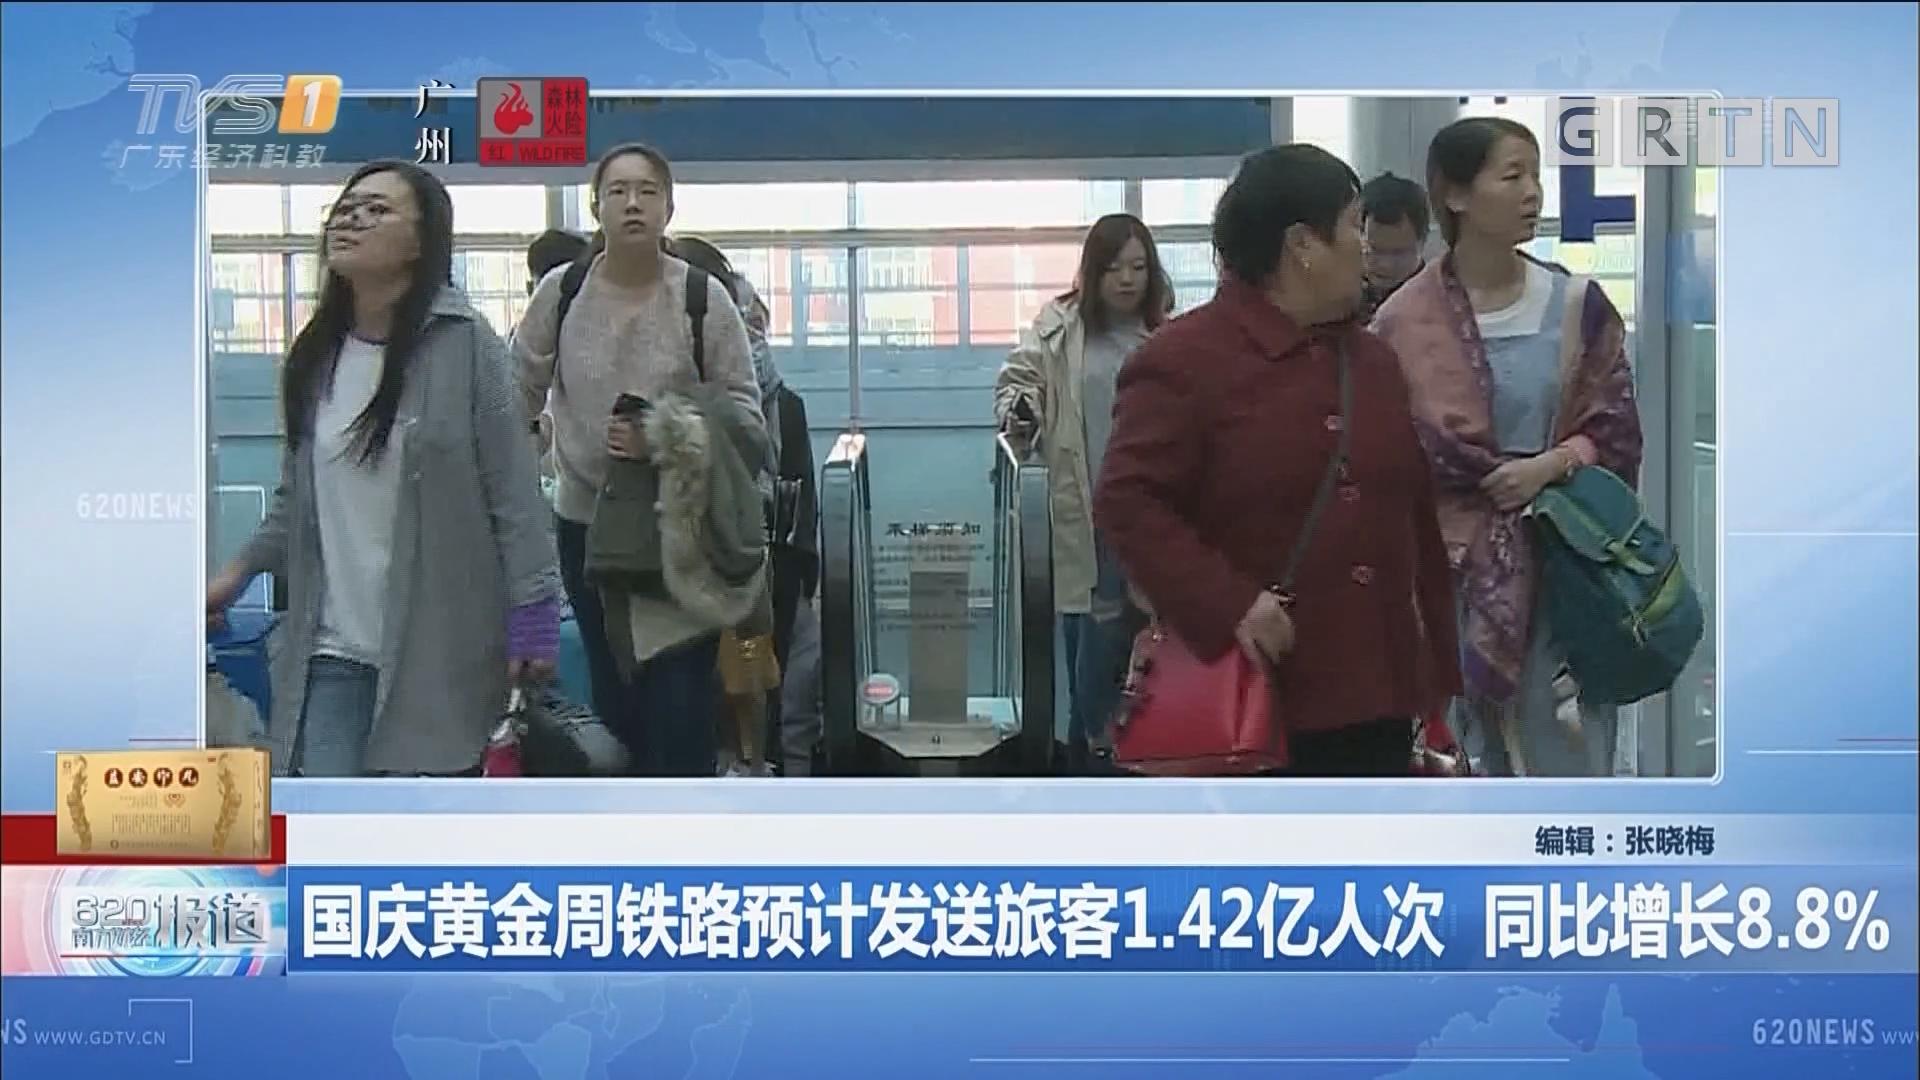 国庆黄金周铁路预计发送旅客1.42亿人次 同比增长8.8%